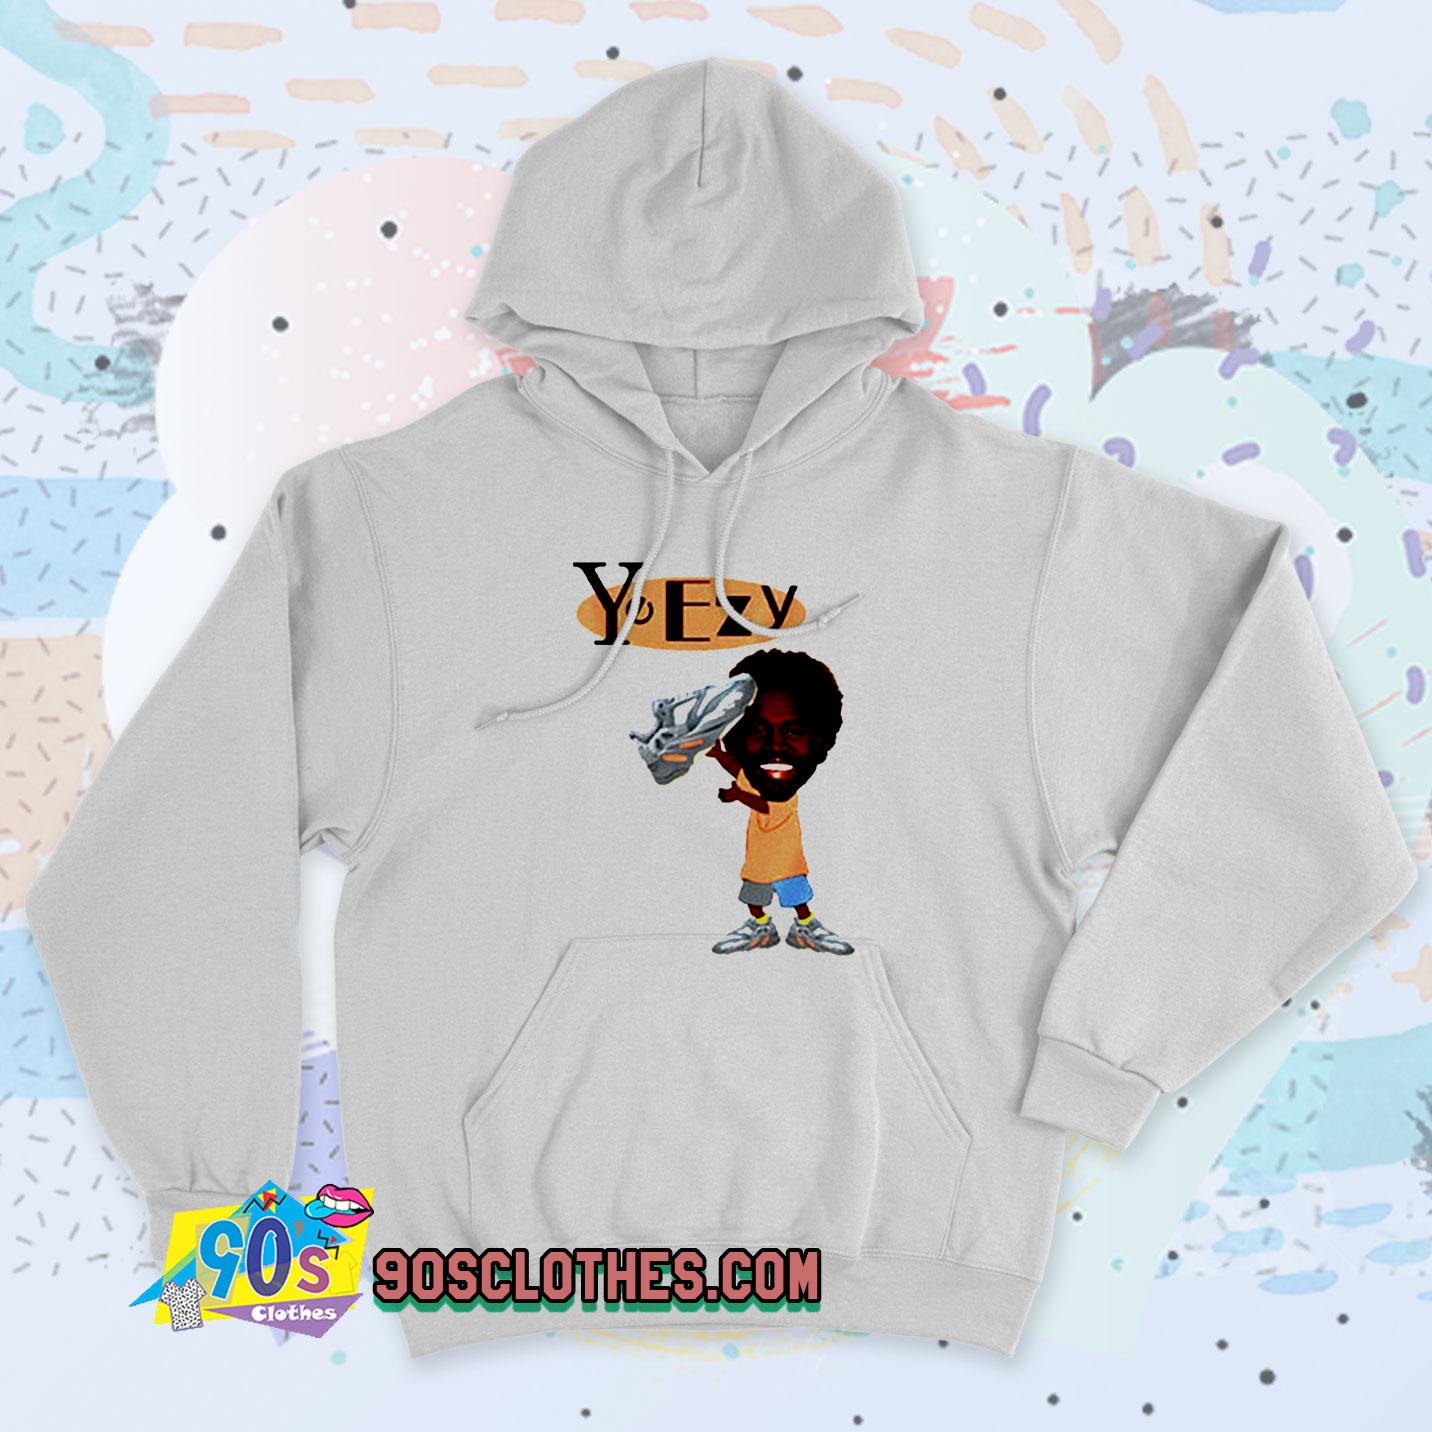 yeezy inertia hoodie